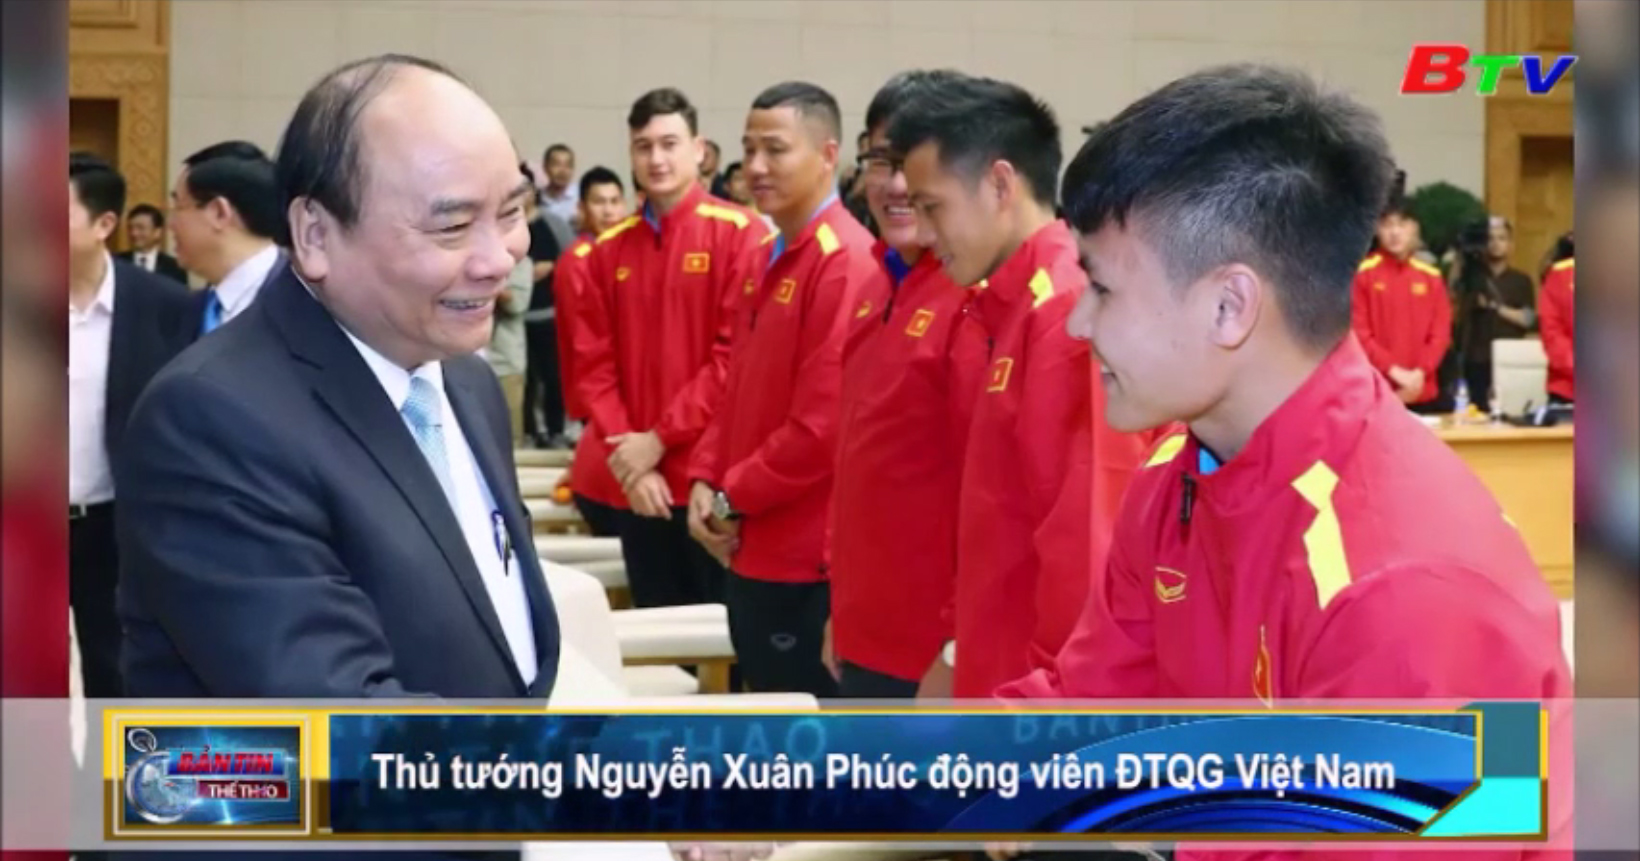 Thủ tướng Nguyễn Xuân Phúc động viên ĐTQG Việt Nam